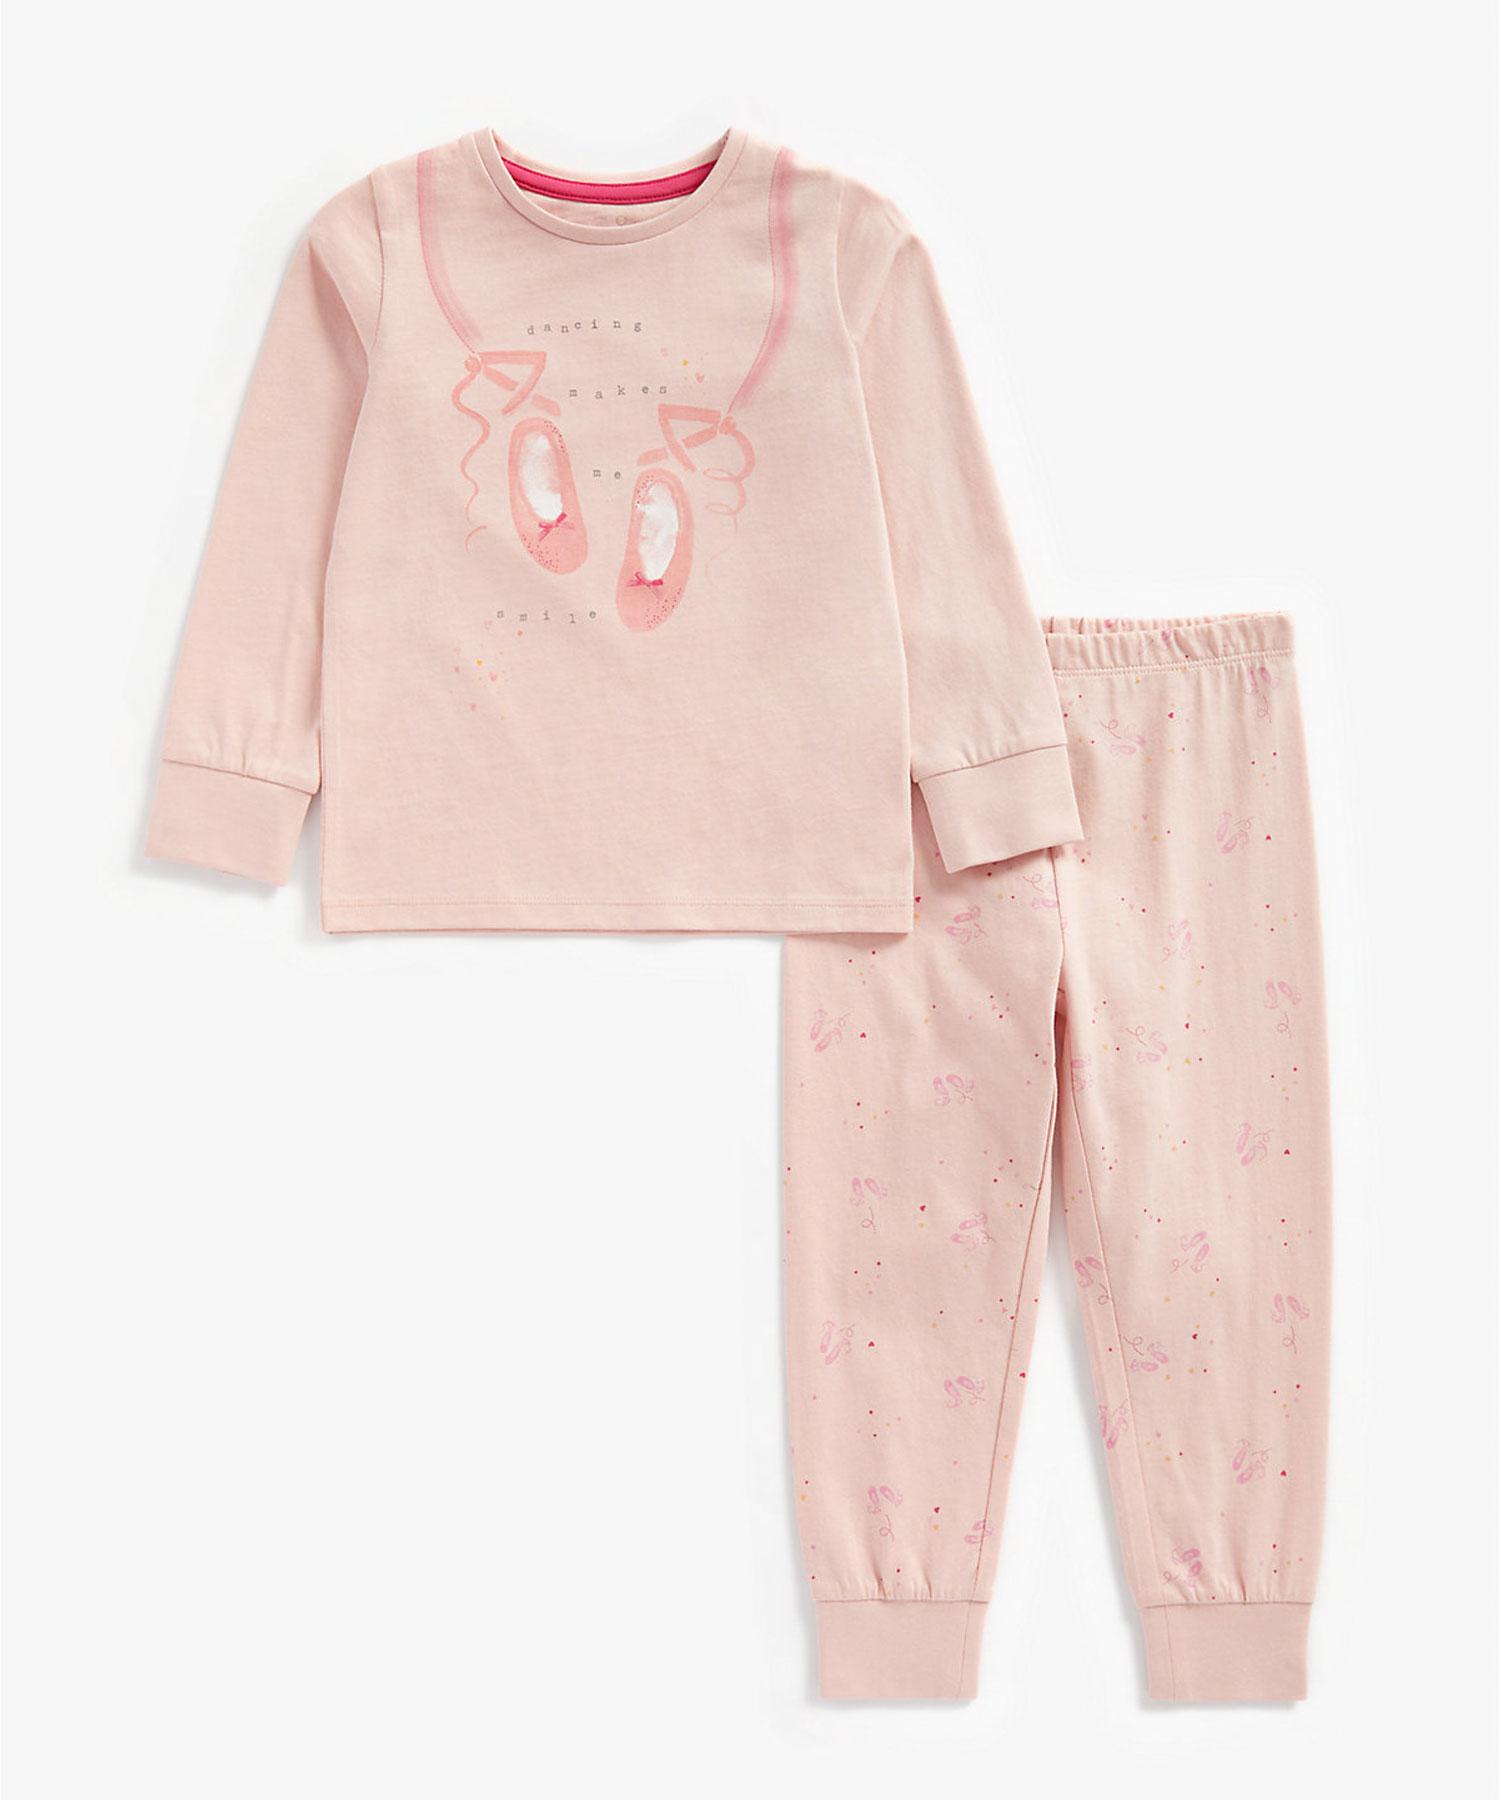 Mothercare   Girls Full Sleeves Pyjama Set Ballet Print - Pink